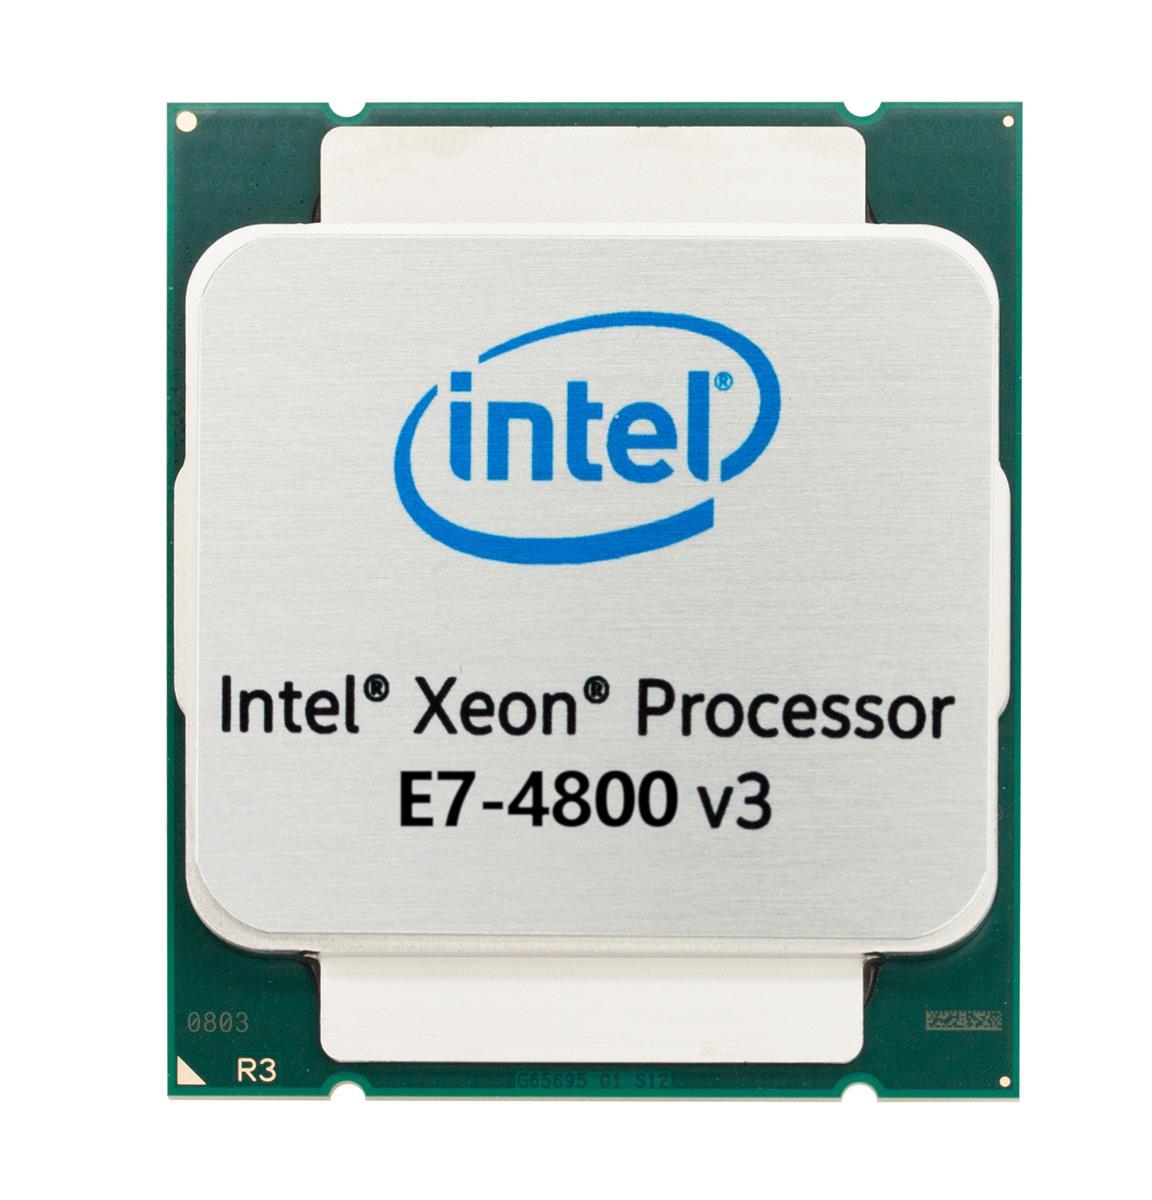 Intel Xeon E7-4850 v3 14 Core 2.20GHz 8.00GT/s QPI 35MB L3 Cache Socket 2011-1 Processor Mfr P/N CM8064501551702